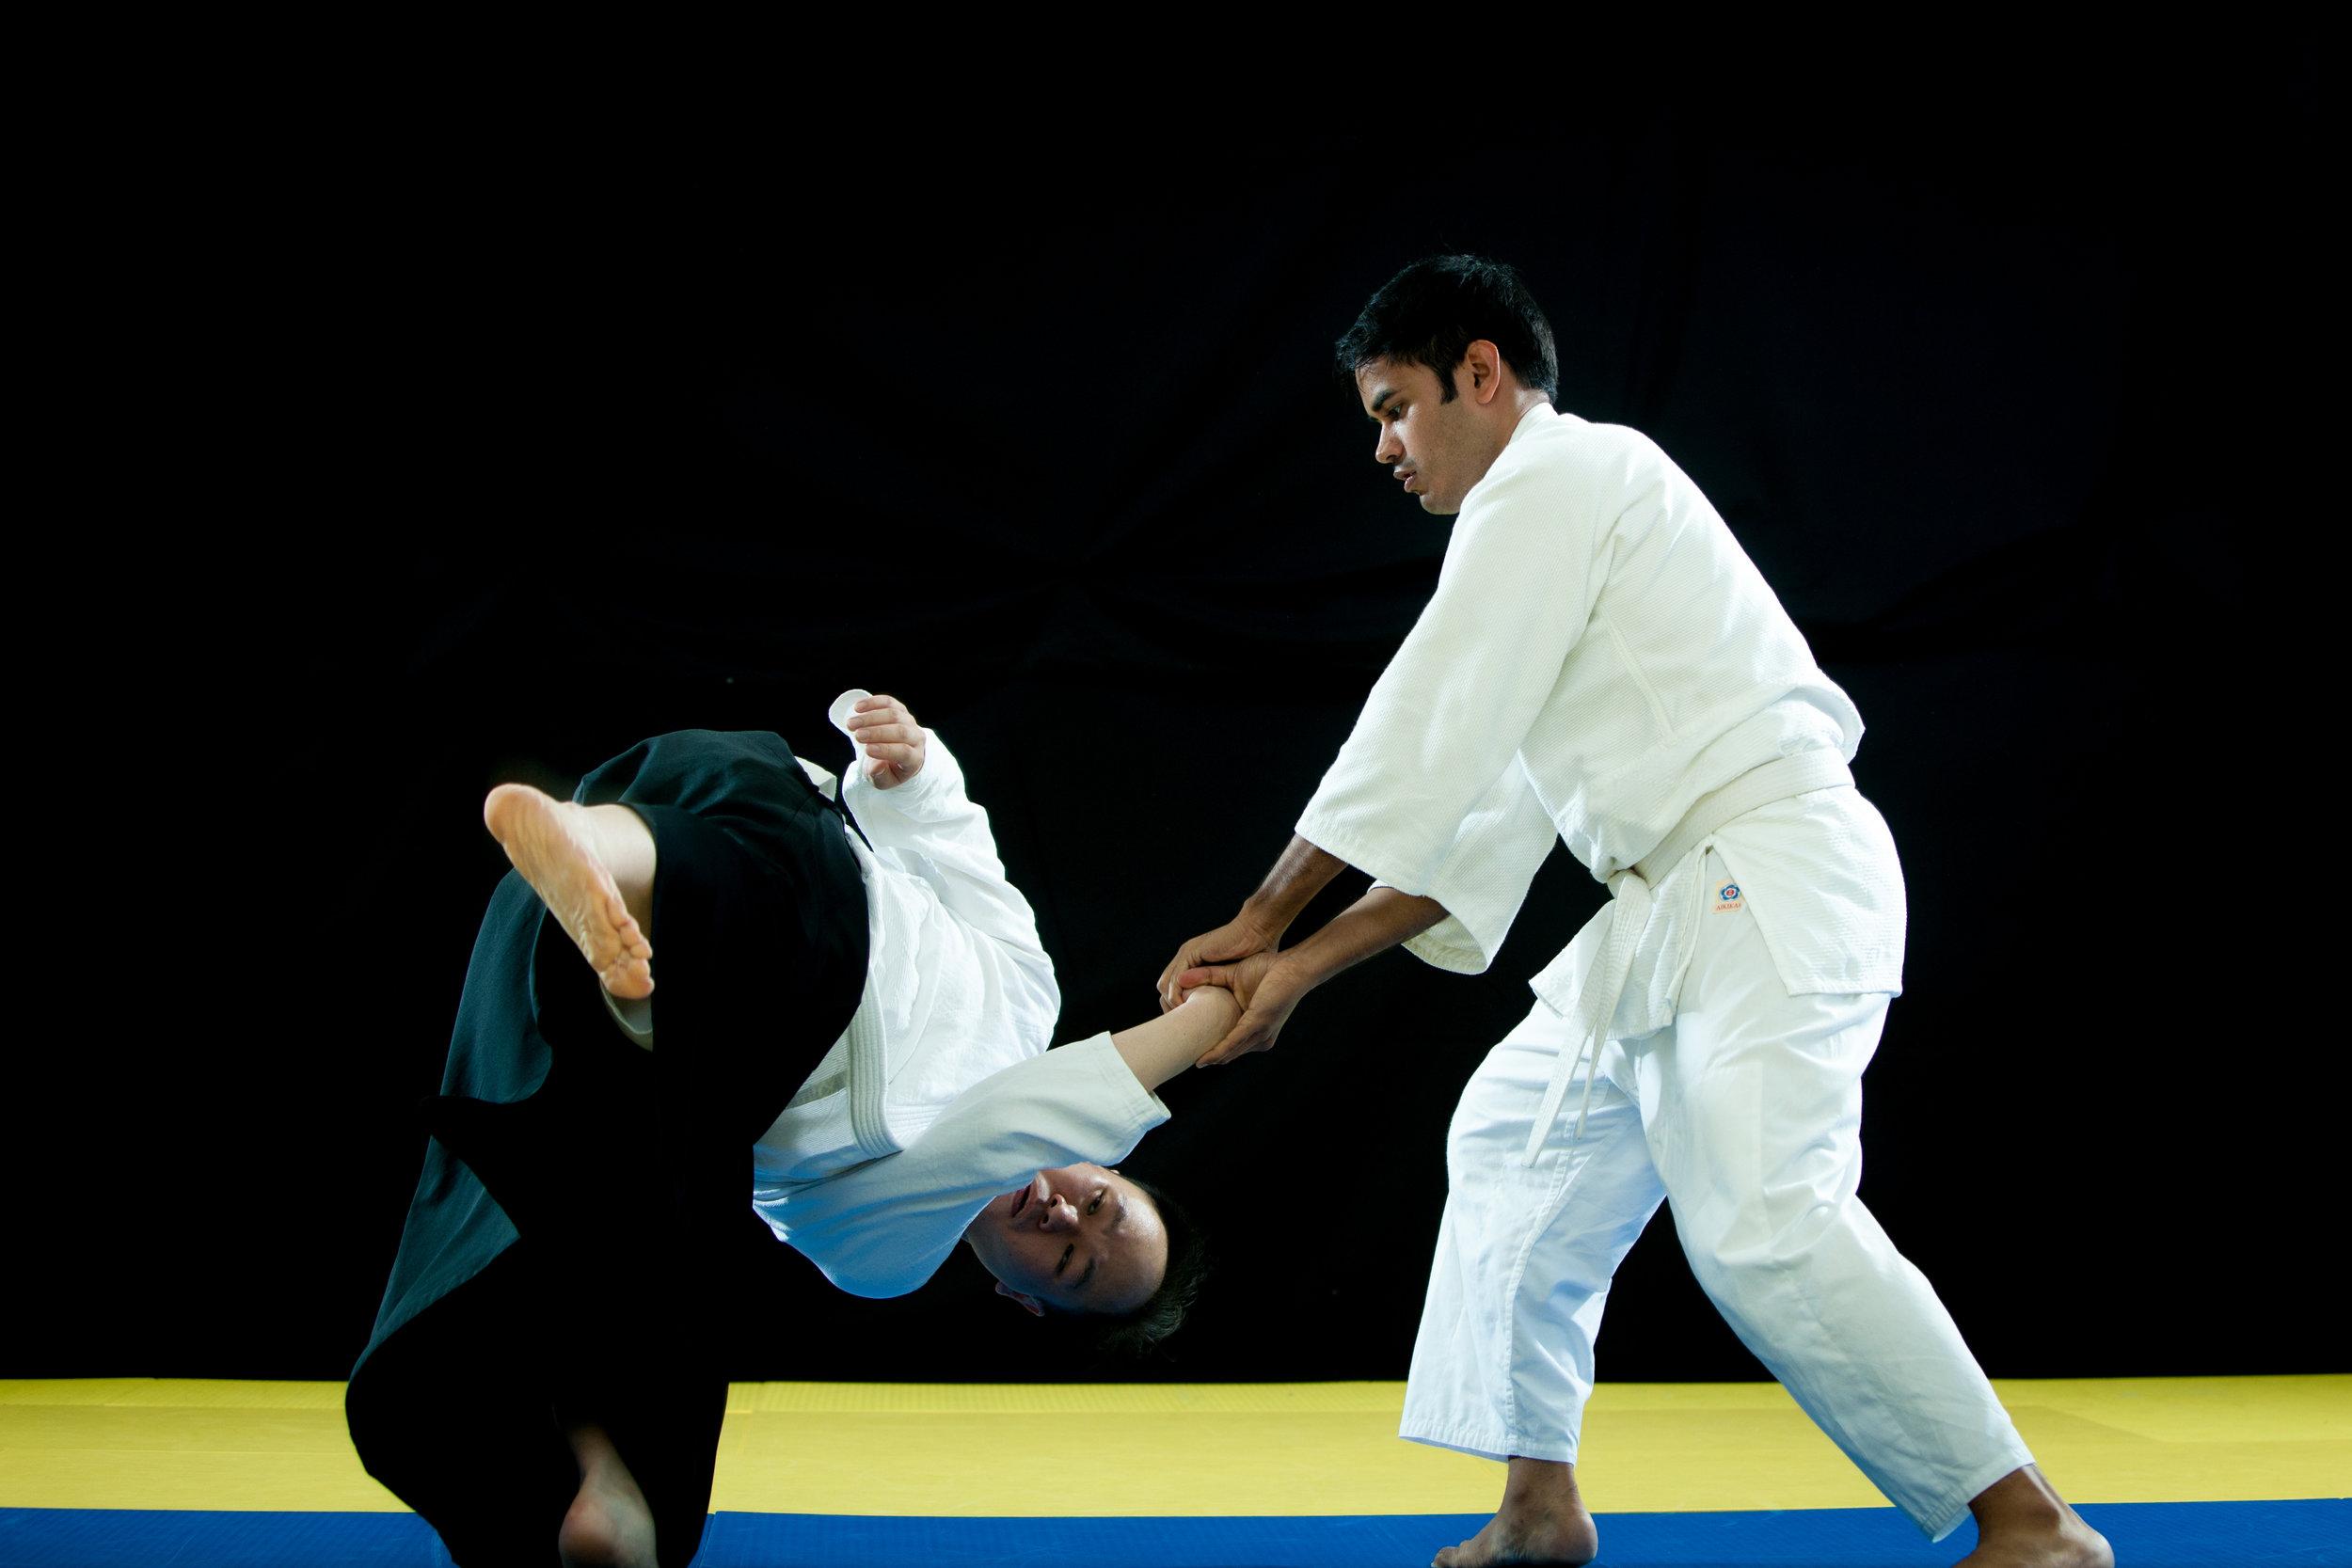 aikido-71.jpg